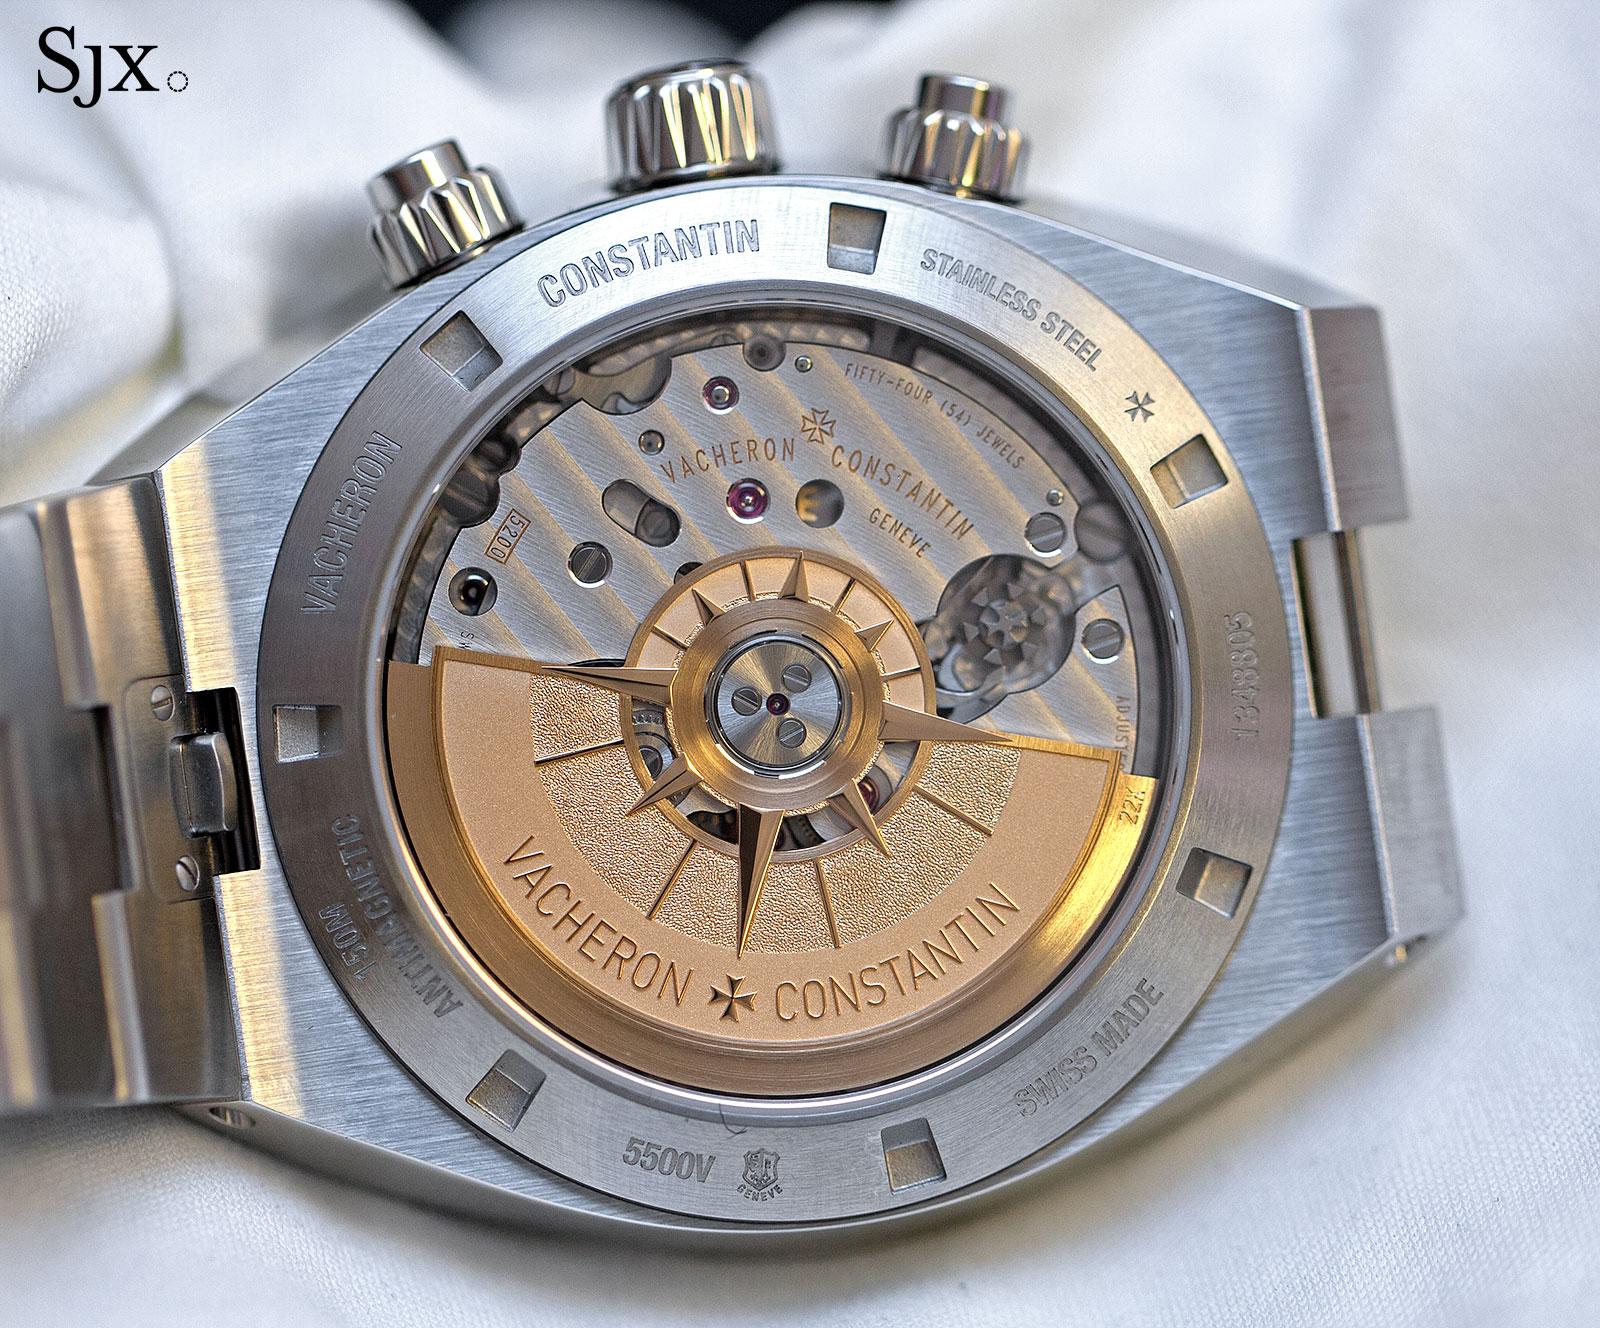 Vacheron Constantin Overseas Chronograph 5500V 6